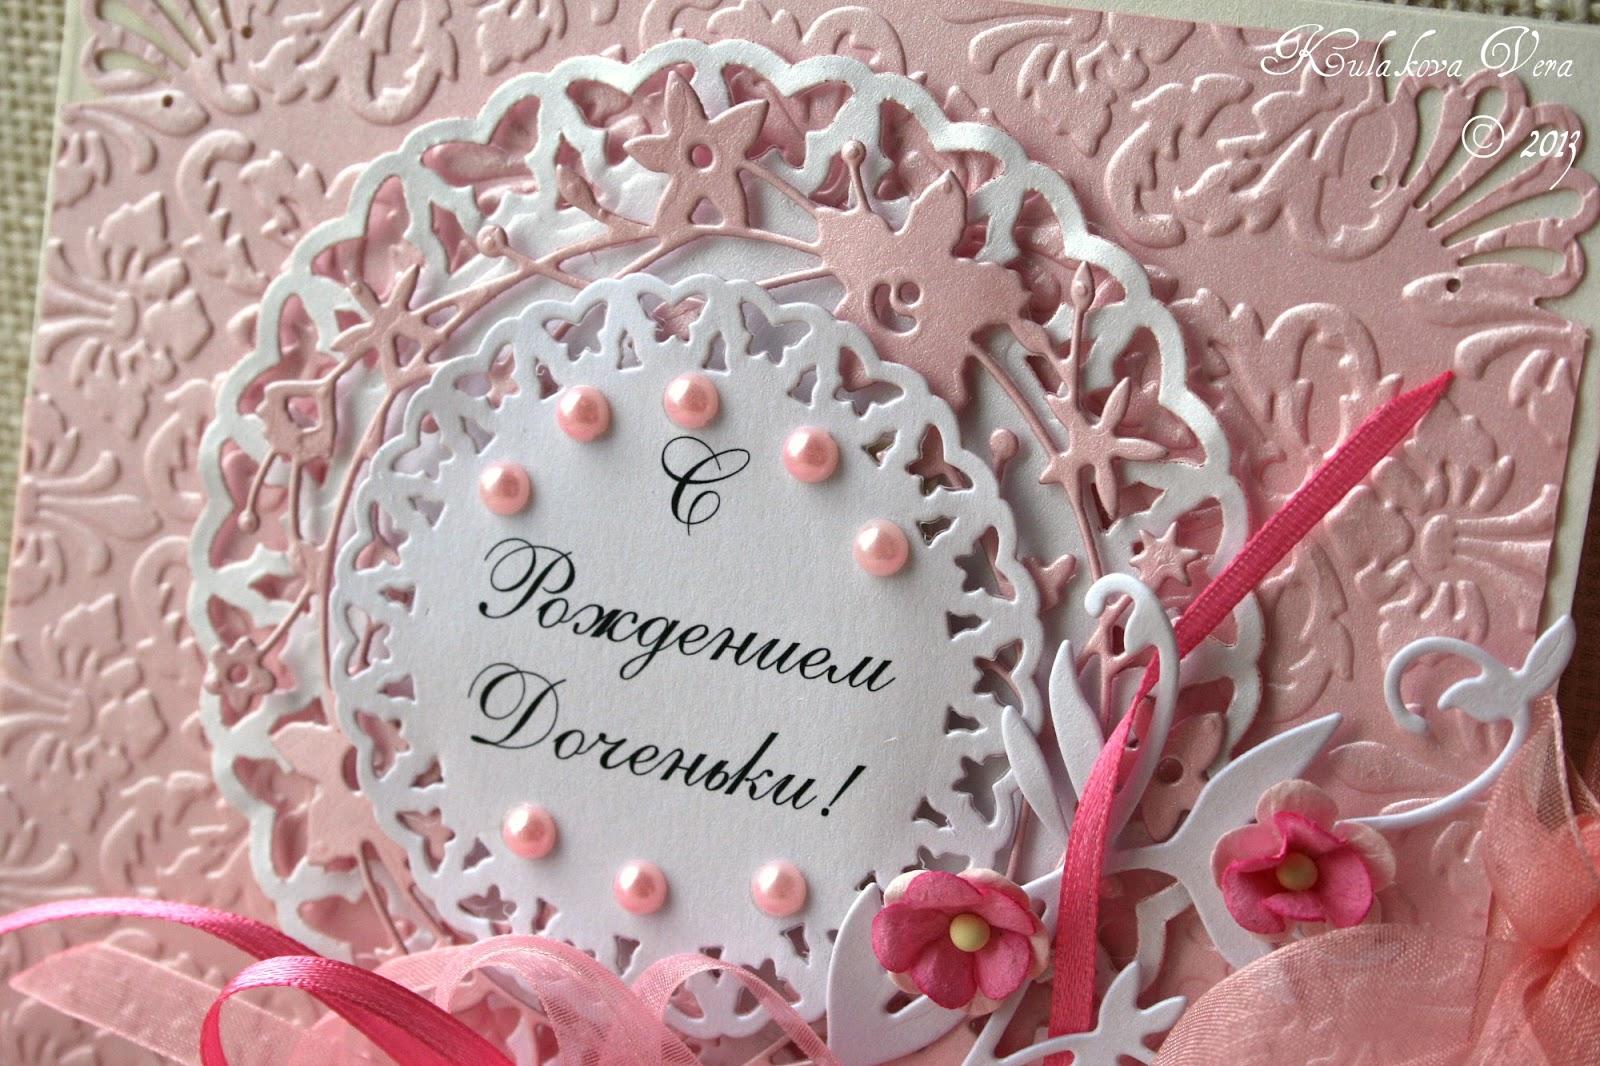 С рождением доченьки цветы картинки, открытки для